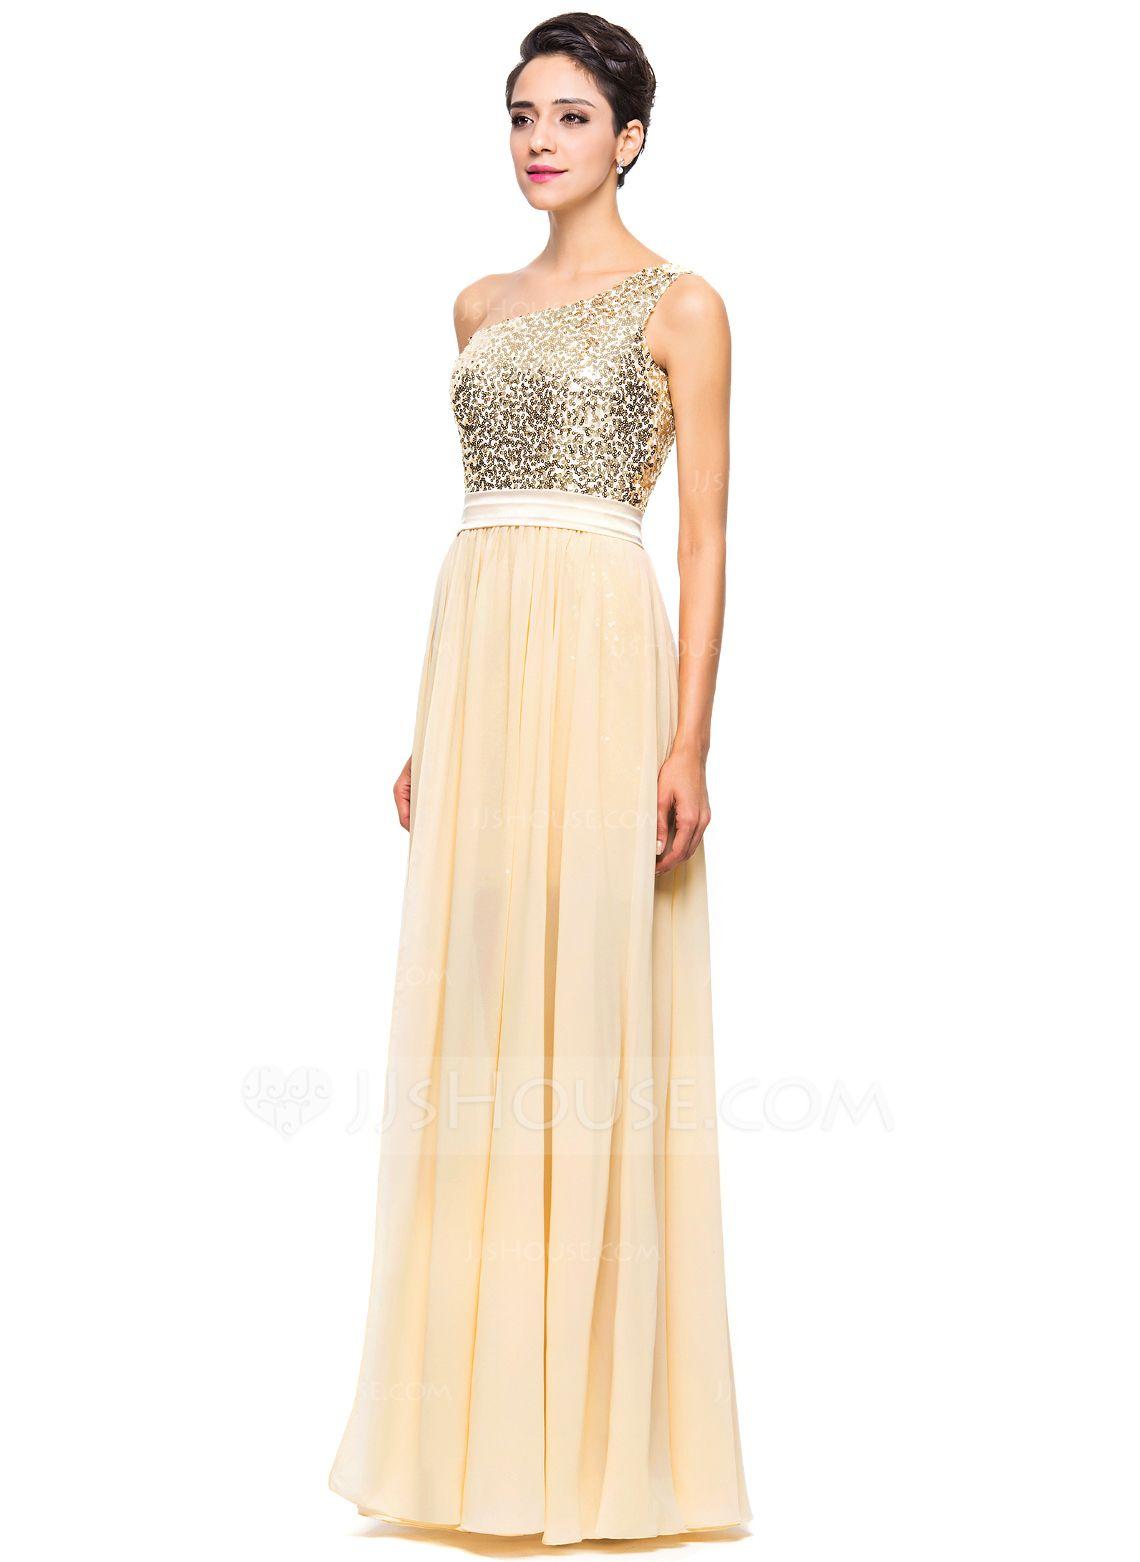 796aaf41e1 A-Line Princess One-Shoulder Asymmetrical Chiffon Sequined Prom Dress  (018056713) - JJsHouse